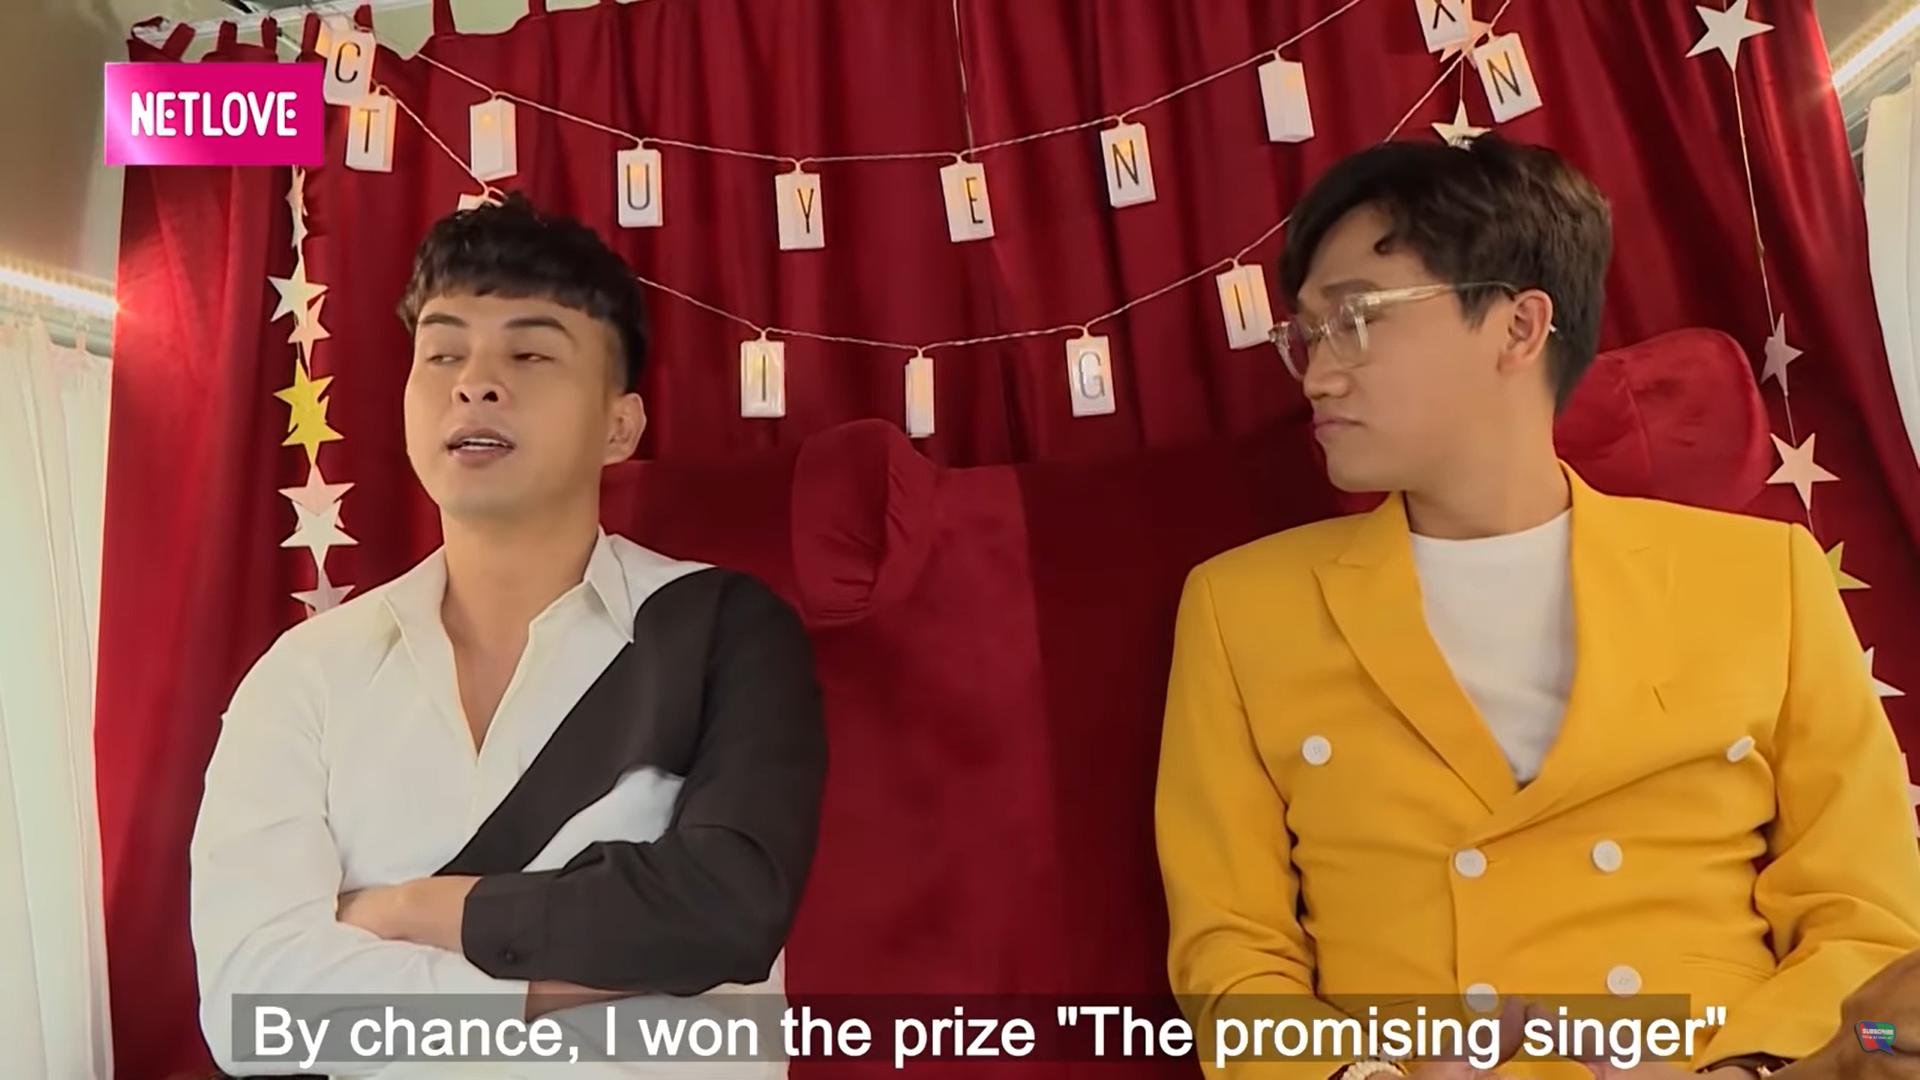 Hồ Quang Hiếu: Suốt ngày phải vay tiền bạn bè, tôi cực khổ lắm - Ảnh 1.